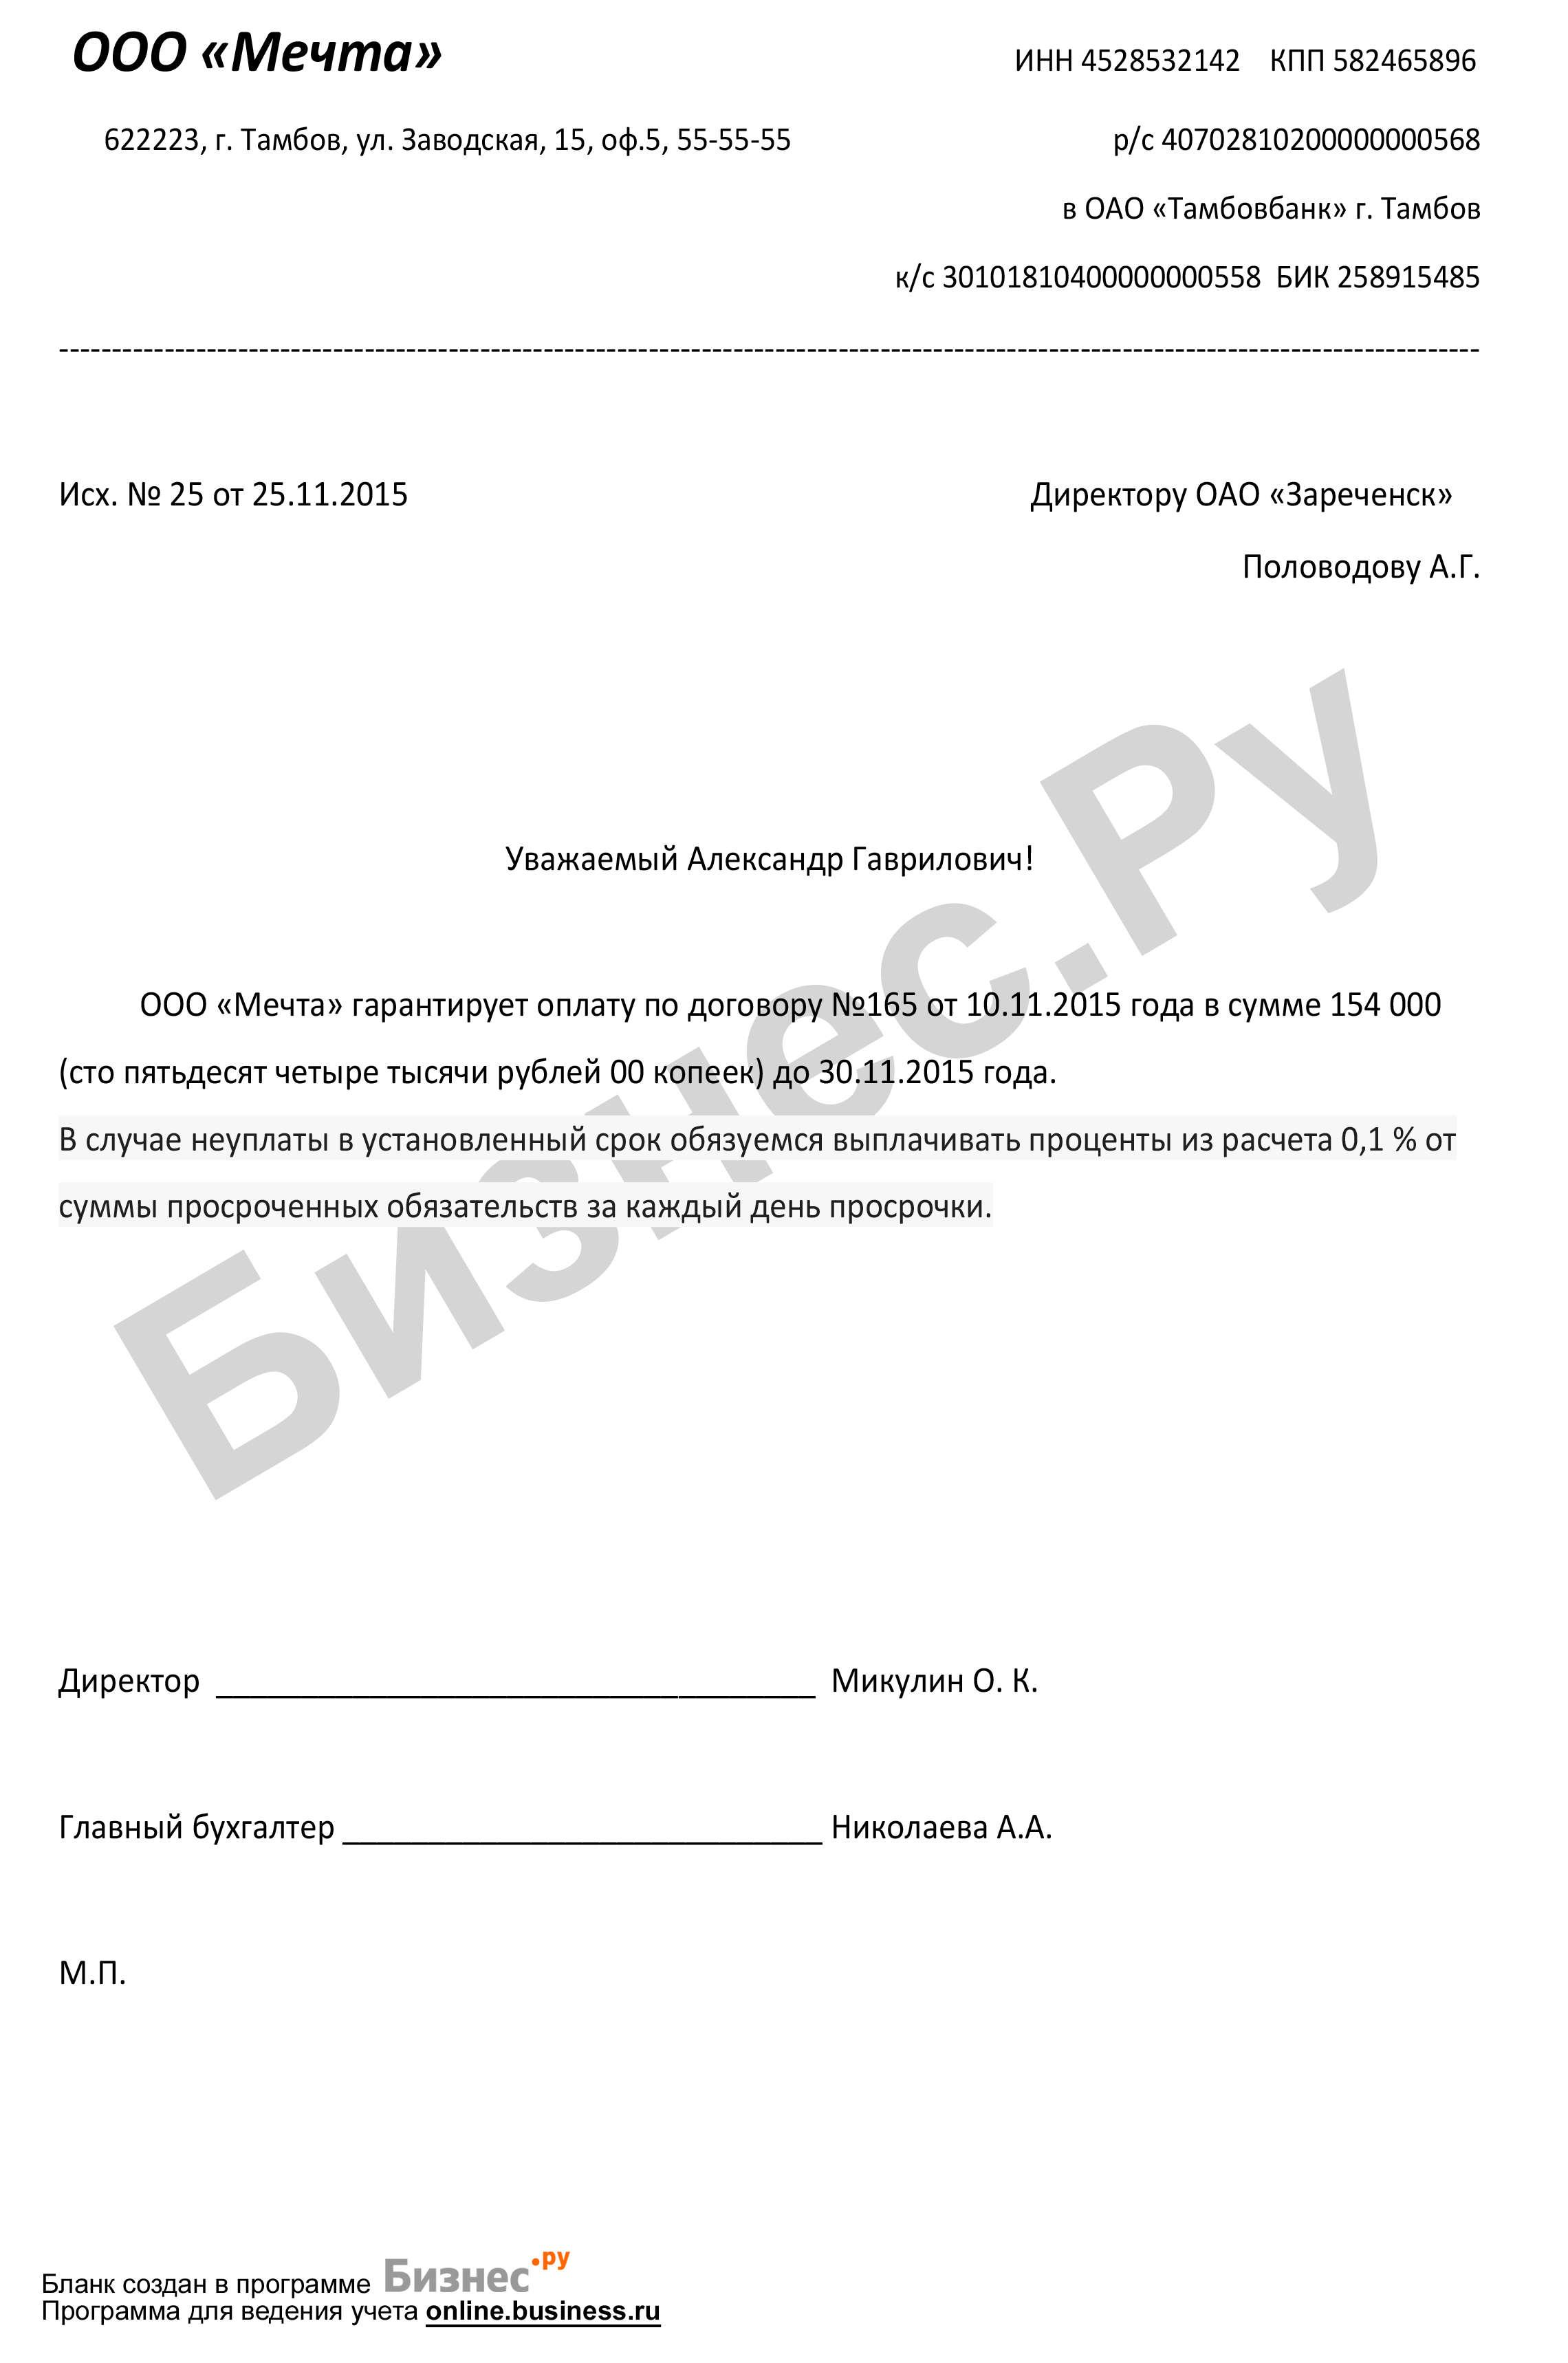 СТО Газпром 2231162007 Инструкция по технологии